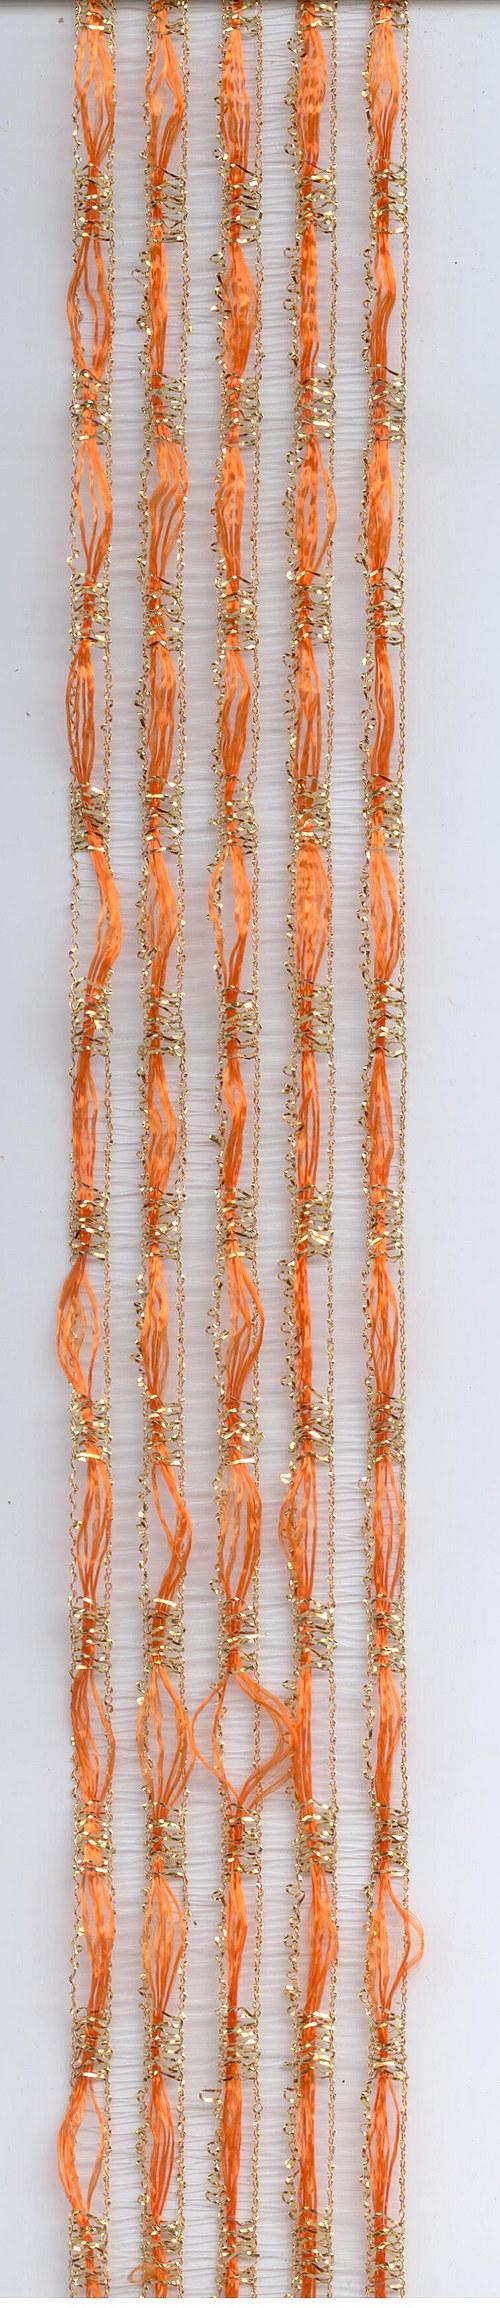 Stuha oranžová se zlatými nitěmi